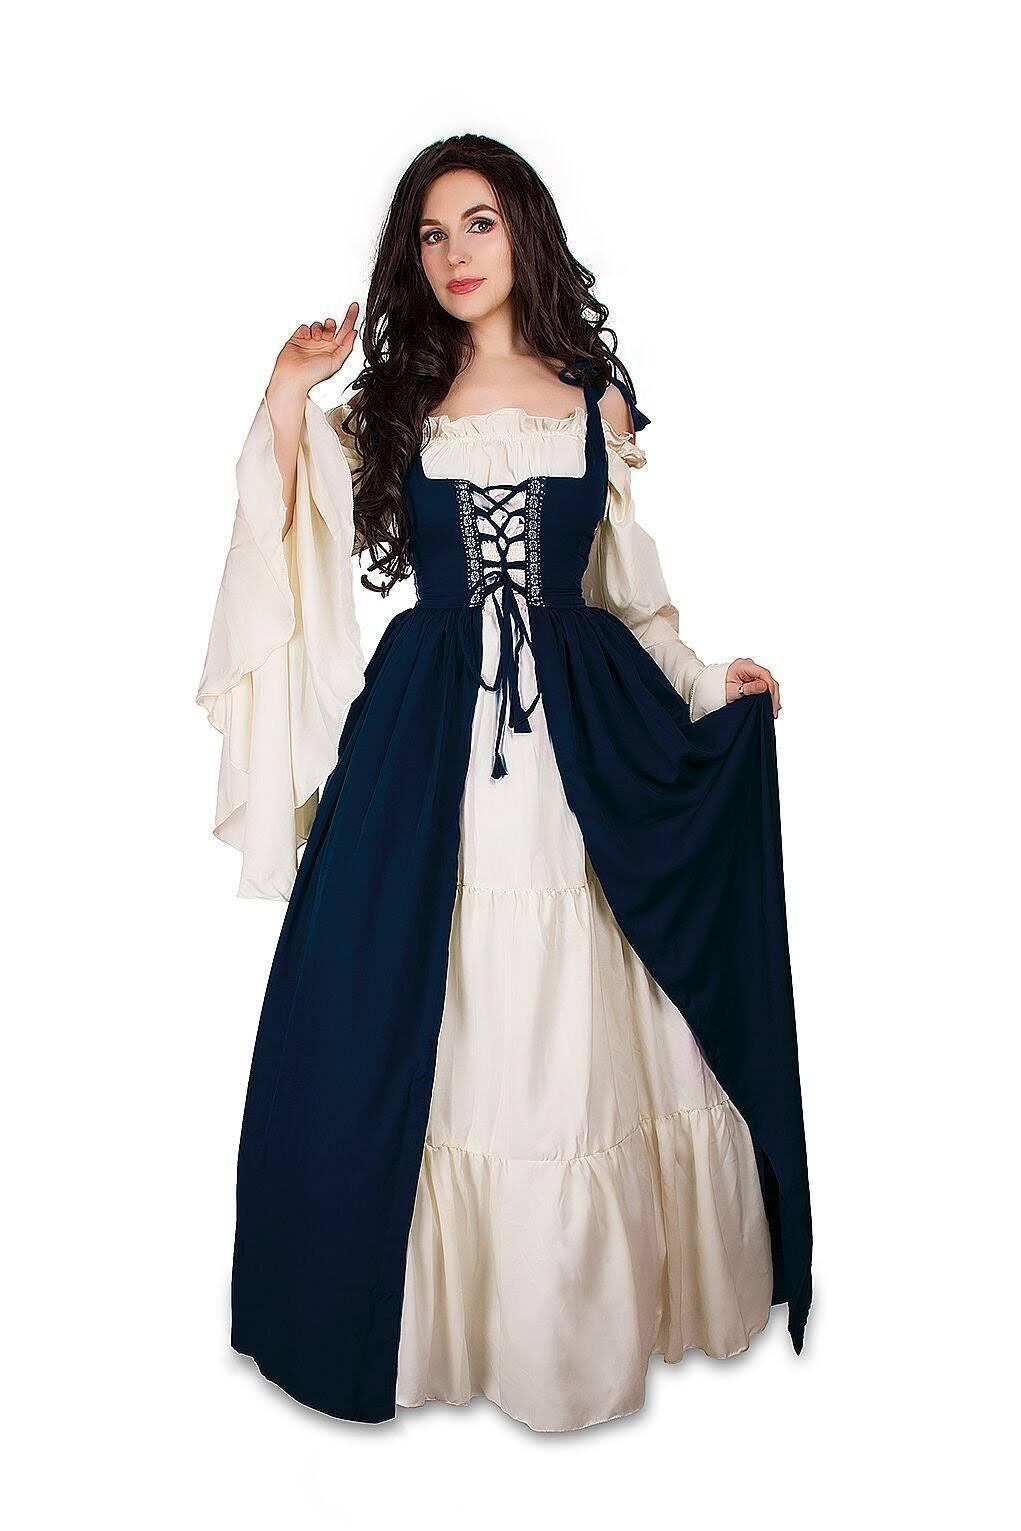 Set amp; Kostüm Renaissance Dress Cream Mittelalterliches Mythic Chemise Über Irisches vwztY